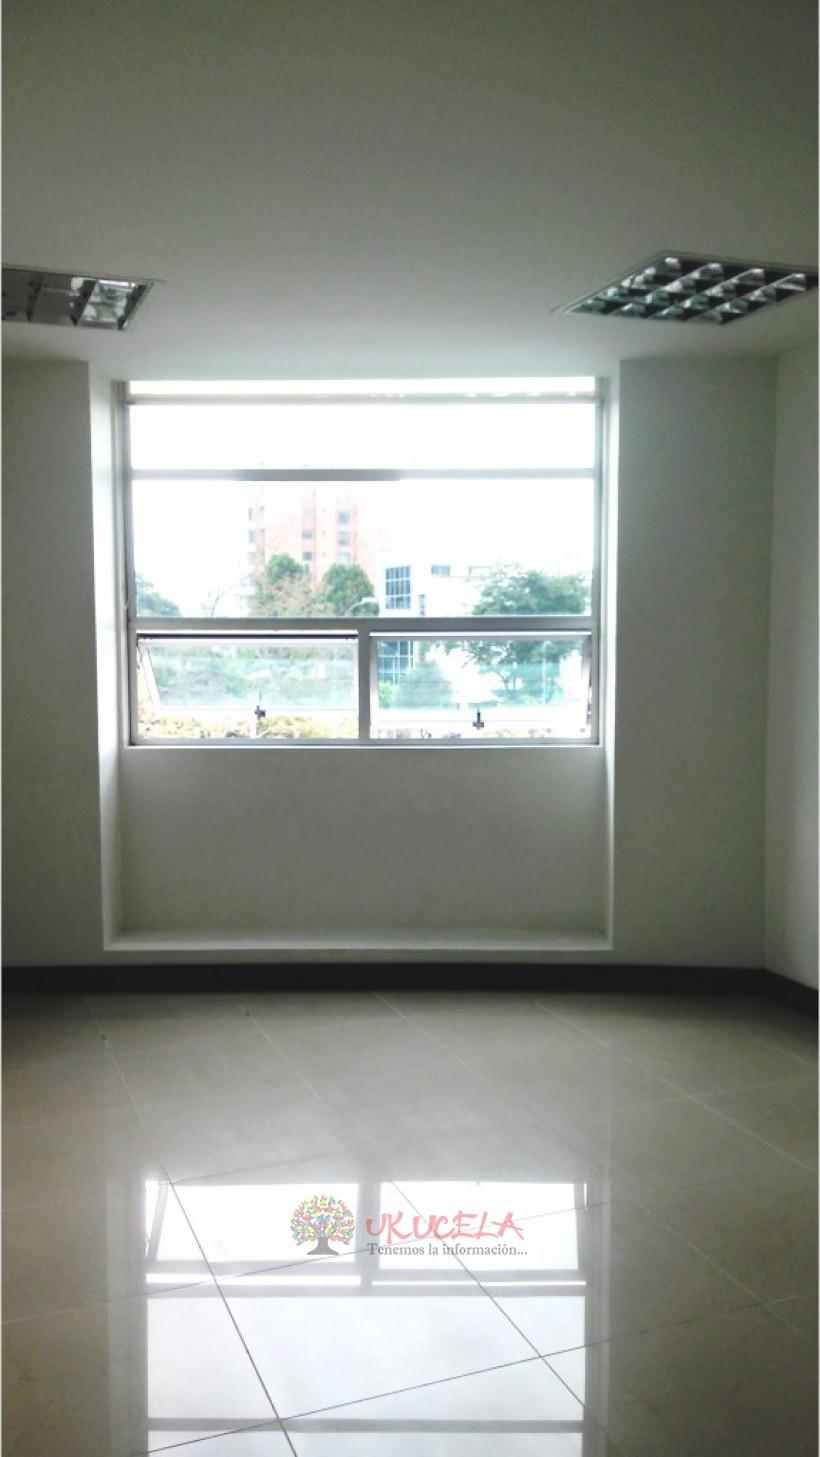 Oficina Ed portal del Cable 17 m2